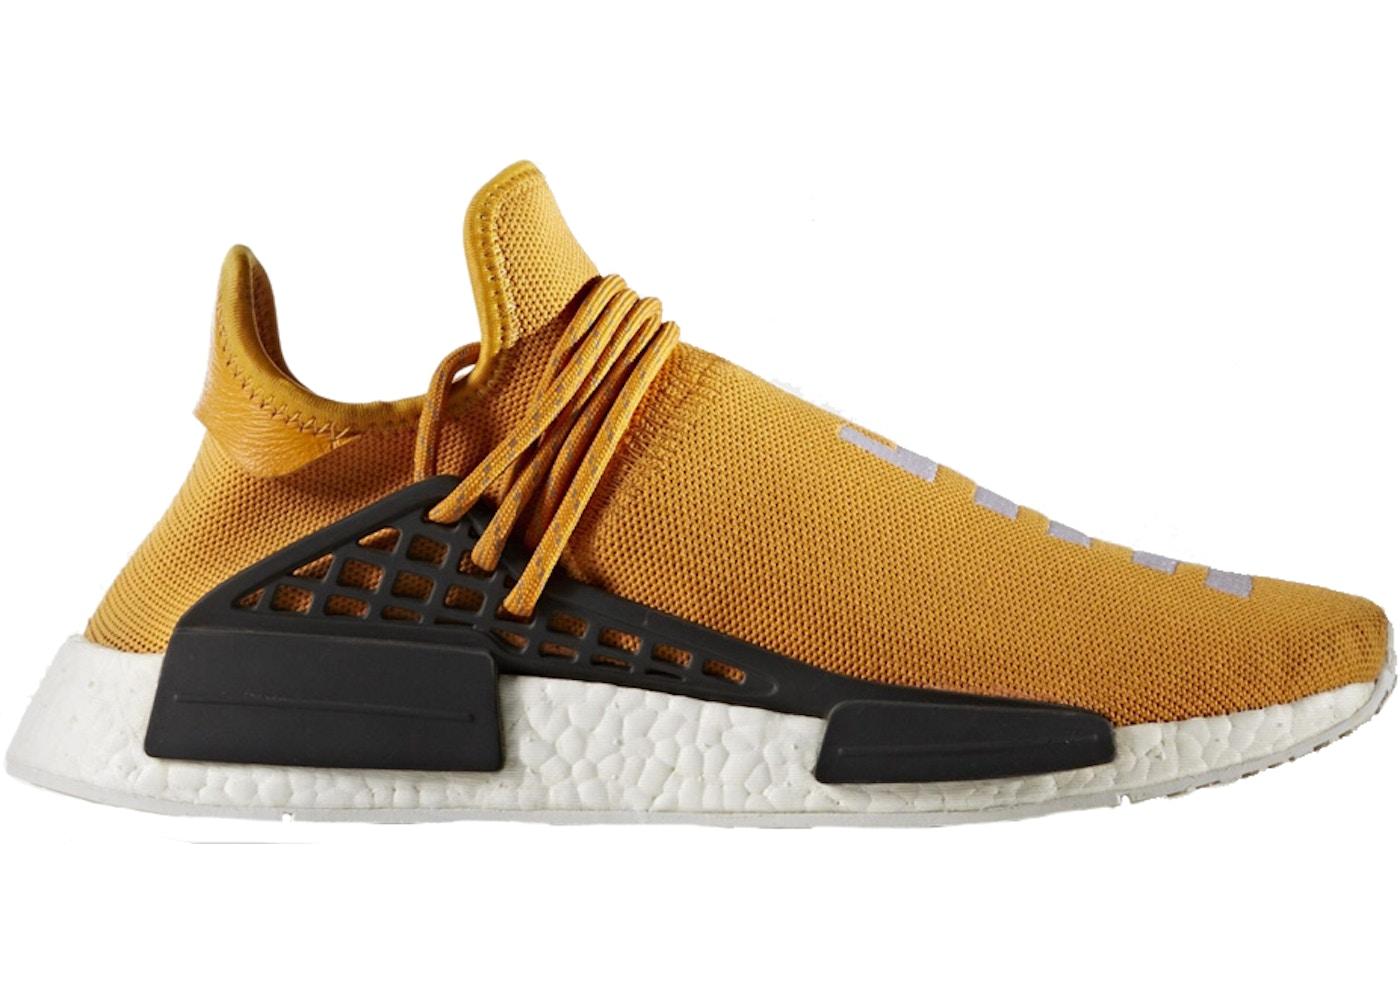 cf8d63e21 Size 4 Shoes - Last Sale